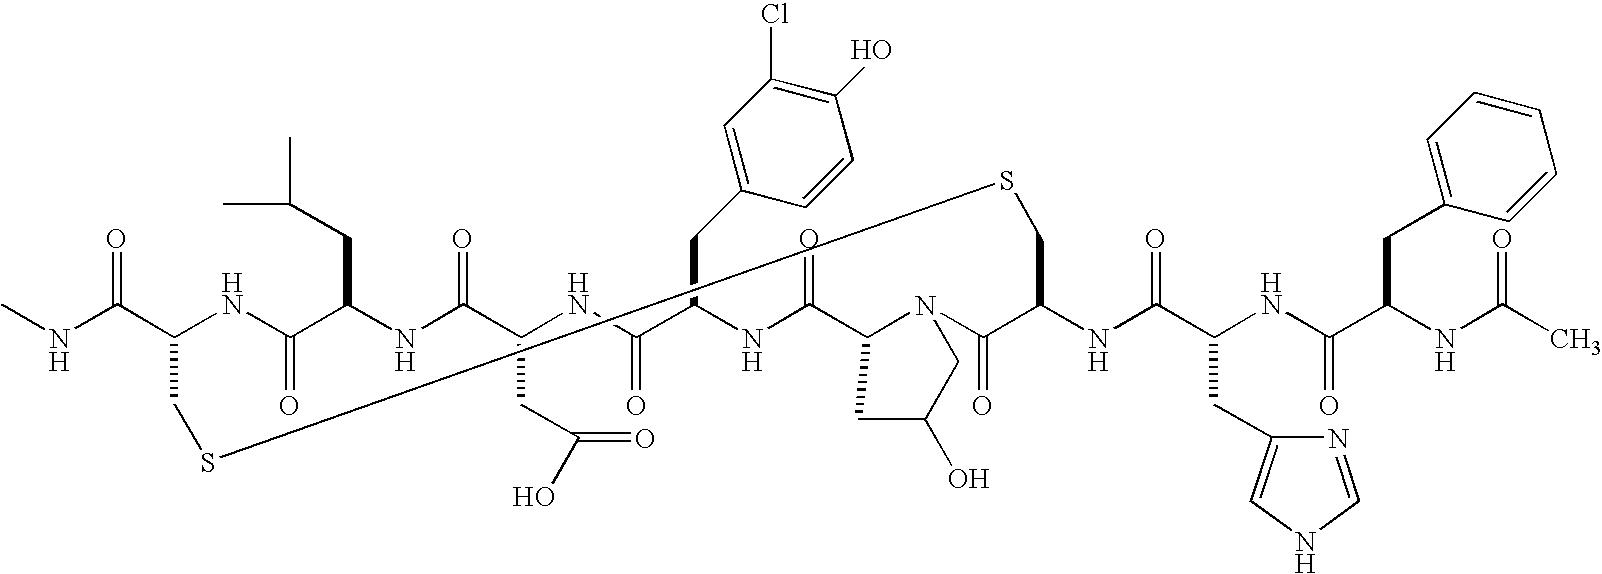 Figure US20030180222A1-20030925-C00148